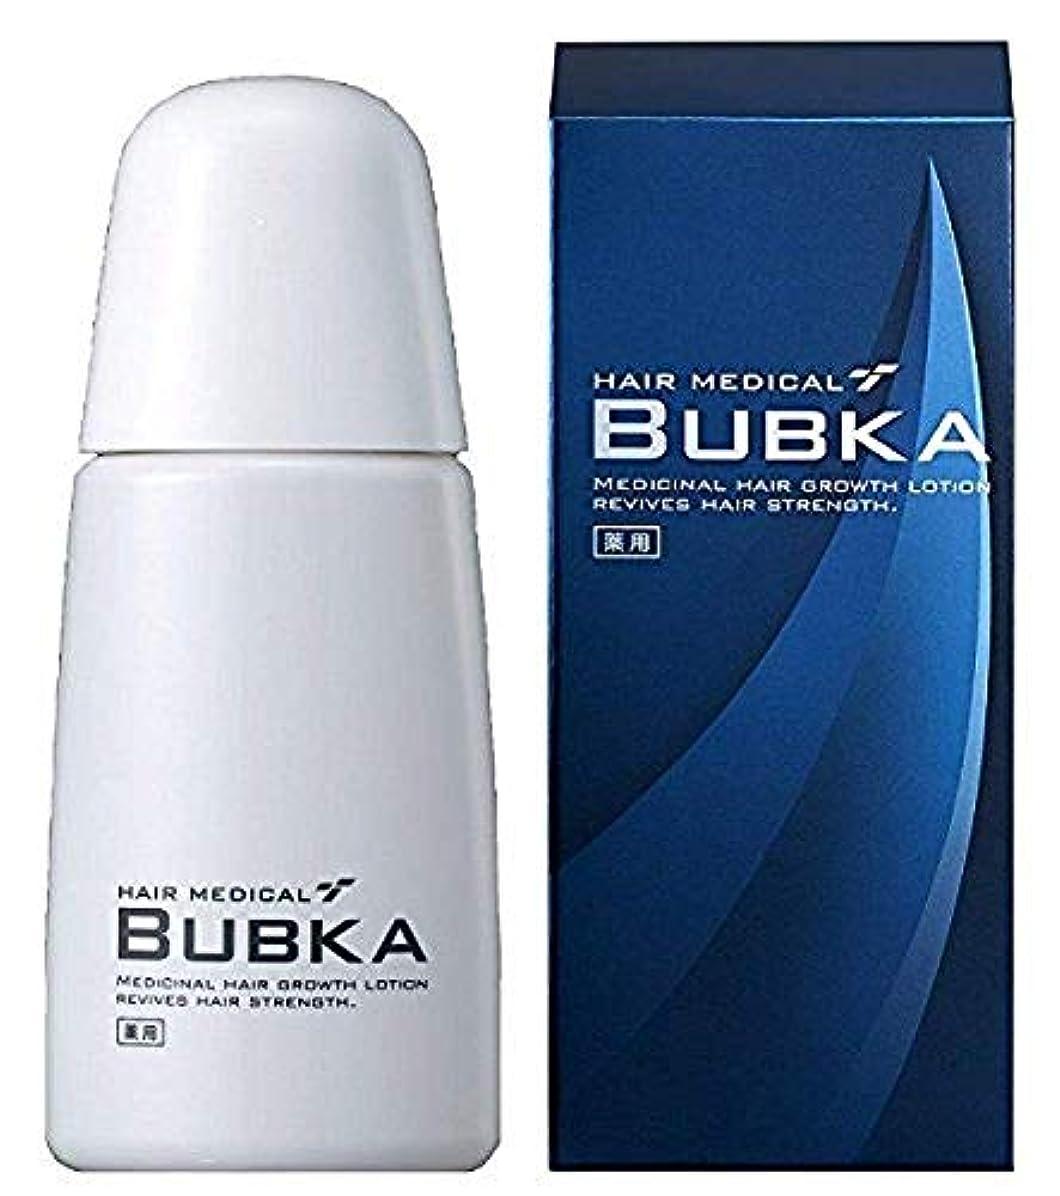 大声で猛烈なピンチ【BUBKA ブブカ 】新型 濃密育毛剤 ブブカ-003M (内容量:120ml 約1ヶ月分)(医薬部外品)